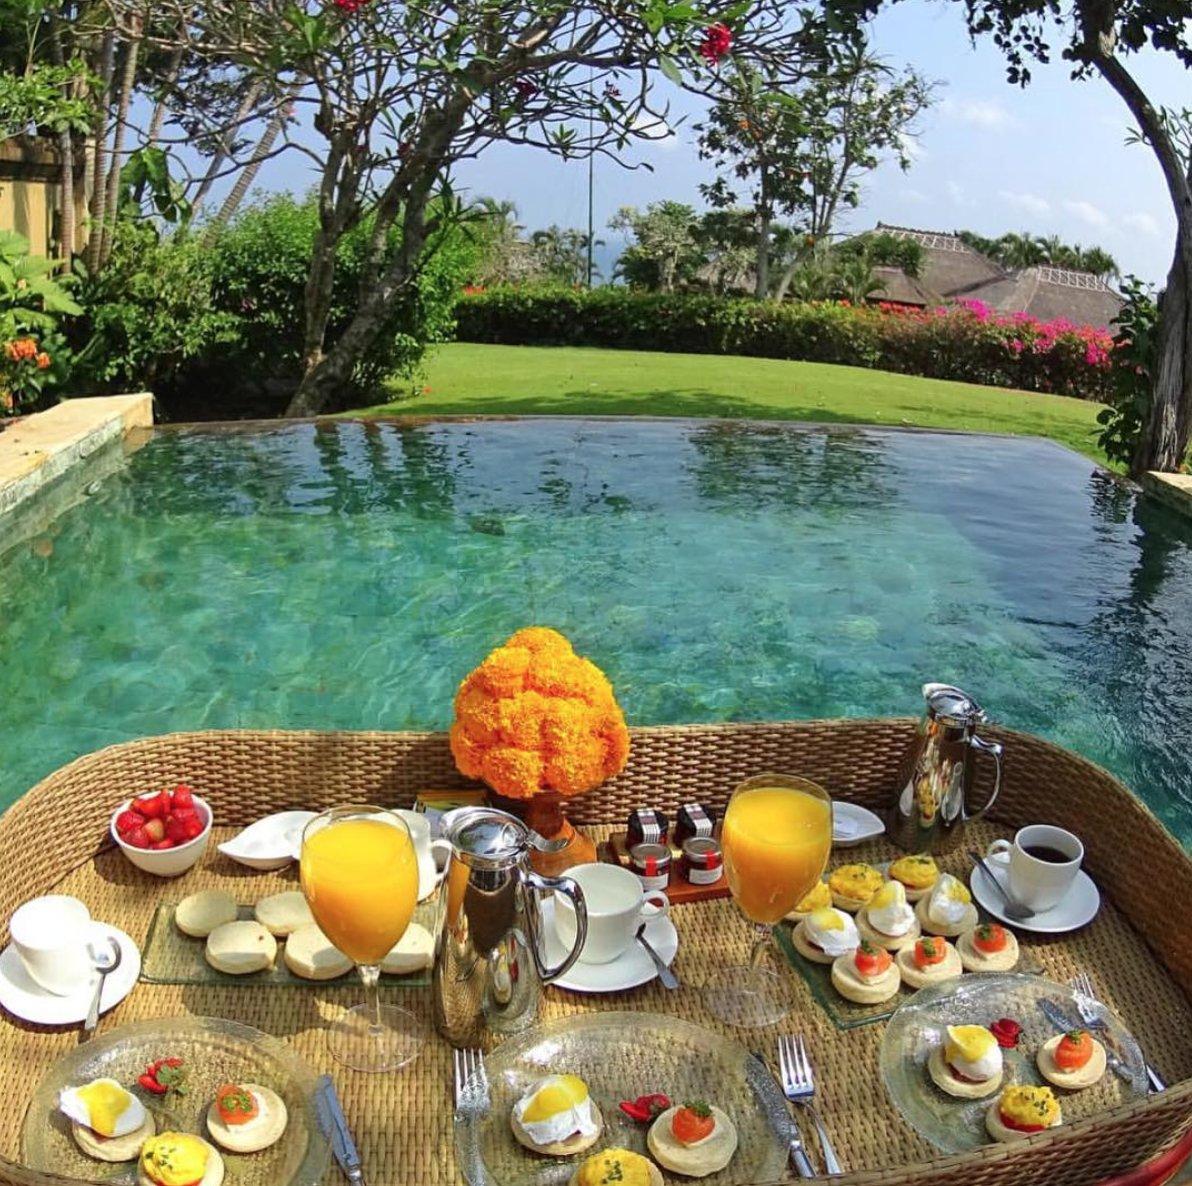 #brentsmithlifestyle #bsl #breakfast #bali https://t.co/YltU5MOVRv